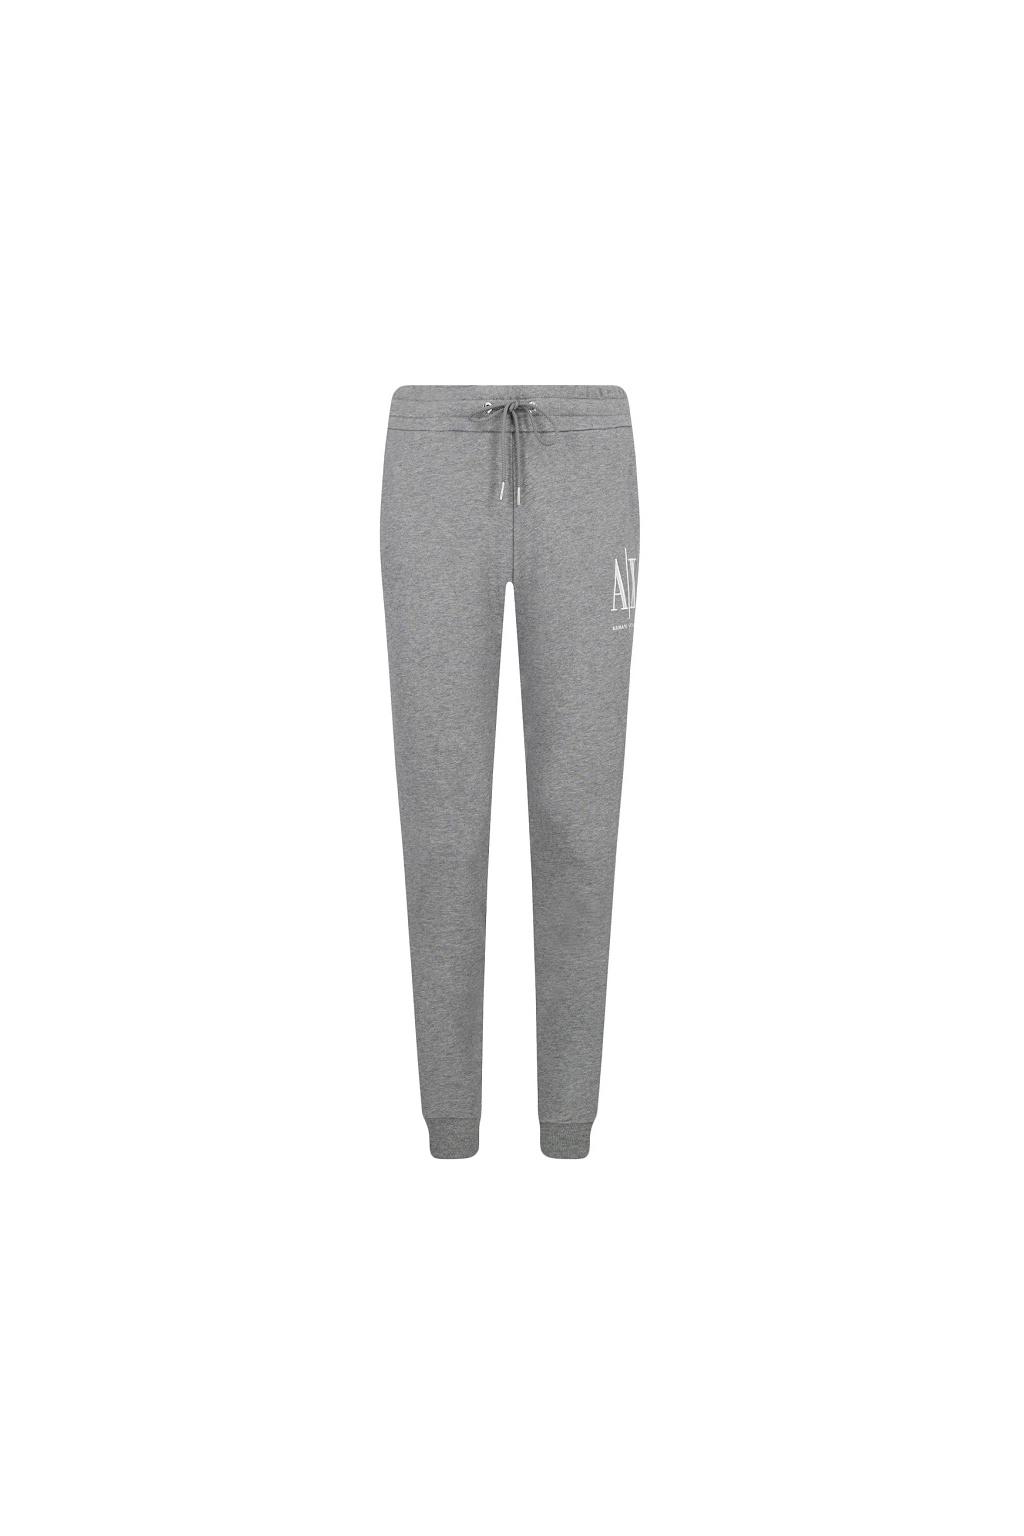 8NYPCX YJ68Z Dámské teplákové kalhoty Armani Exchange šedé